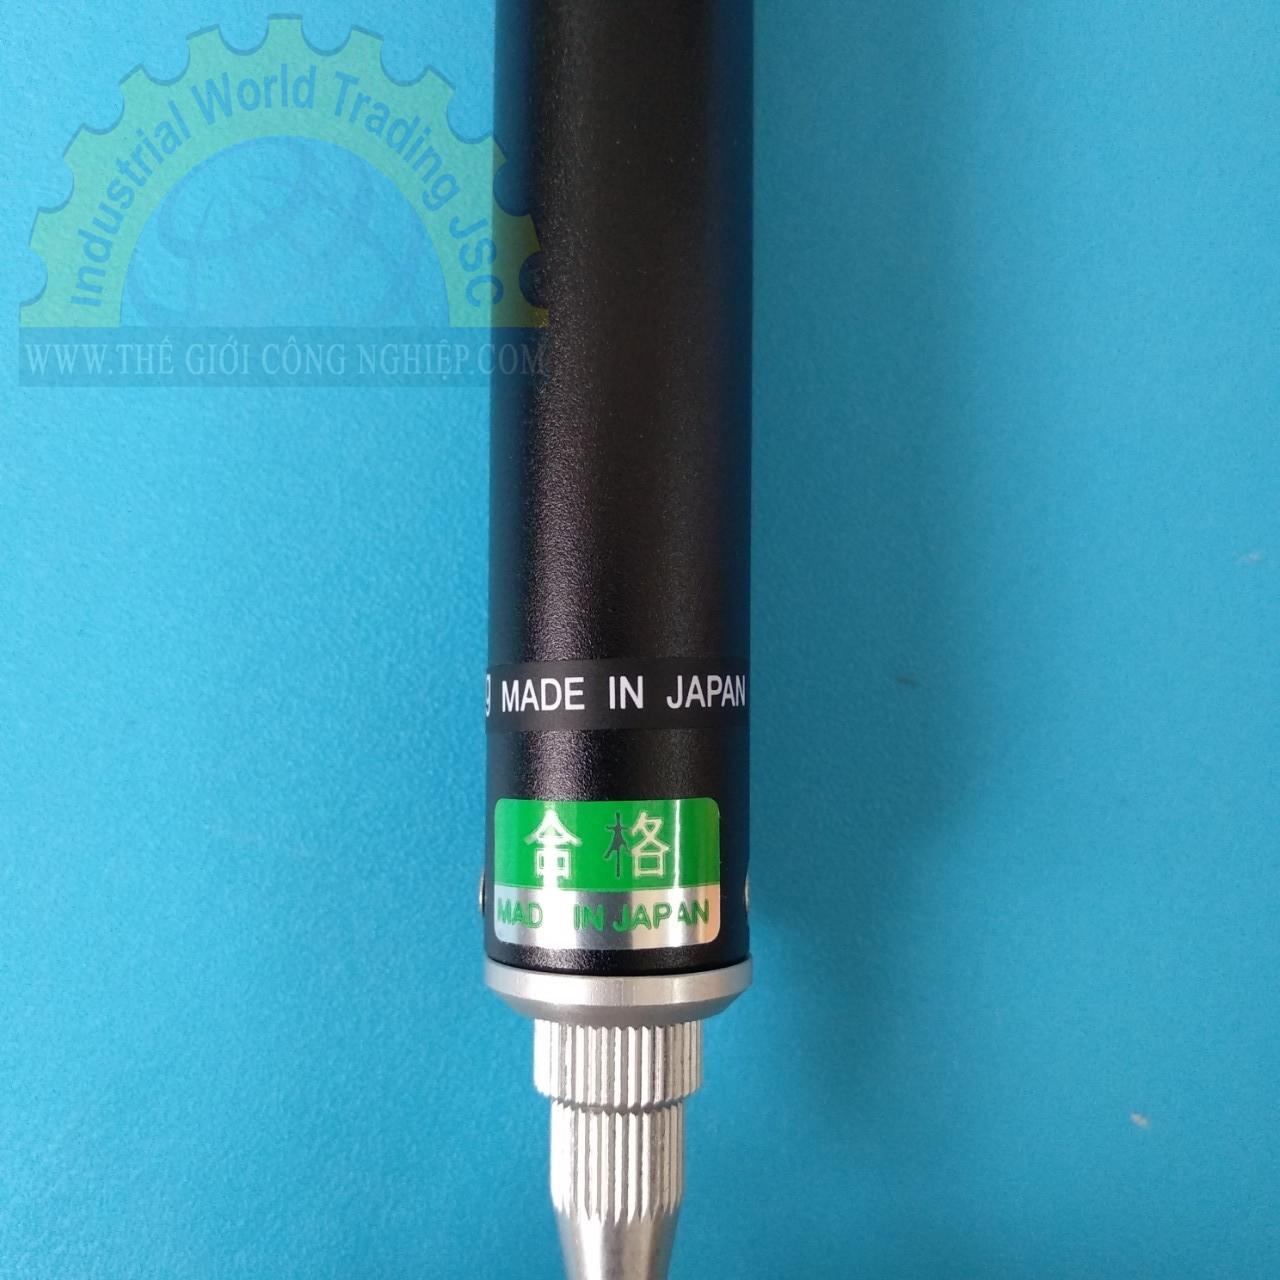 Thiết bị đo lực căng 0 - 2000g thiêt bị đo lực căng Kanon , TK2000 TK2000 Kanon